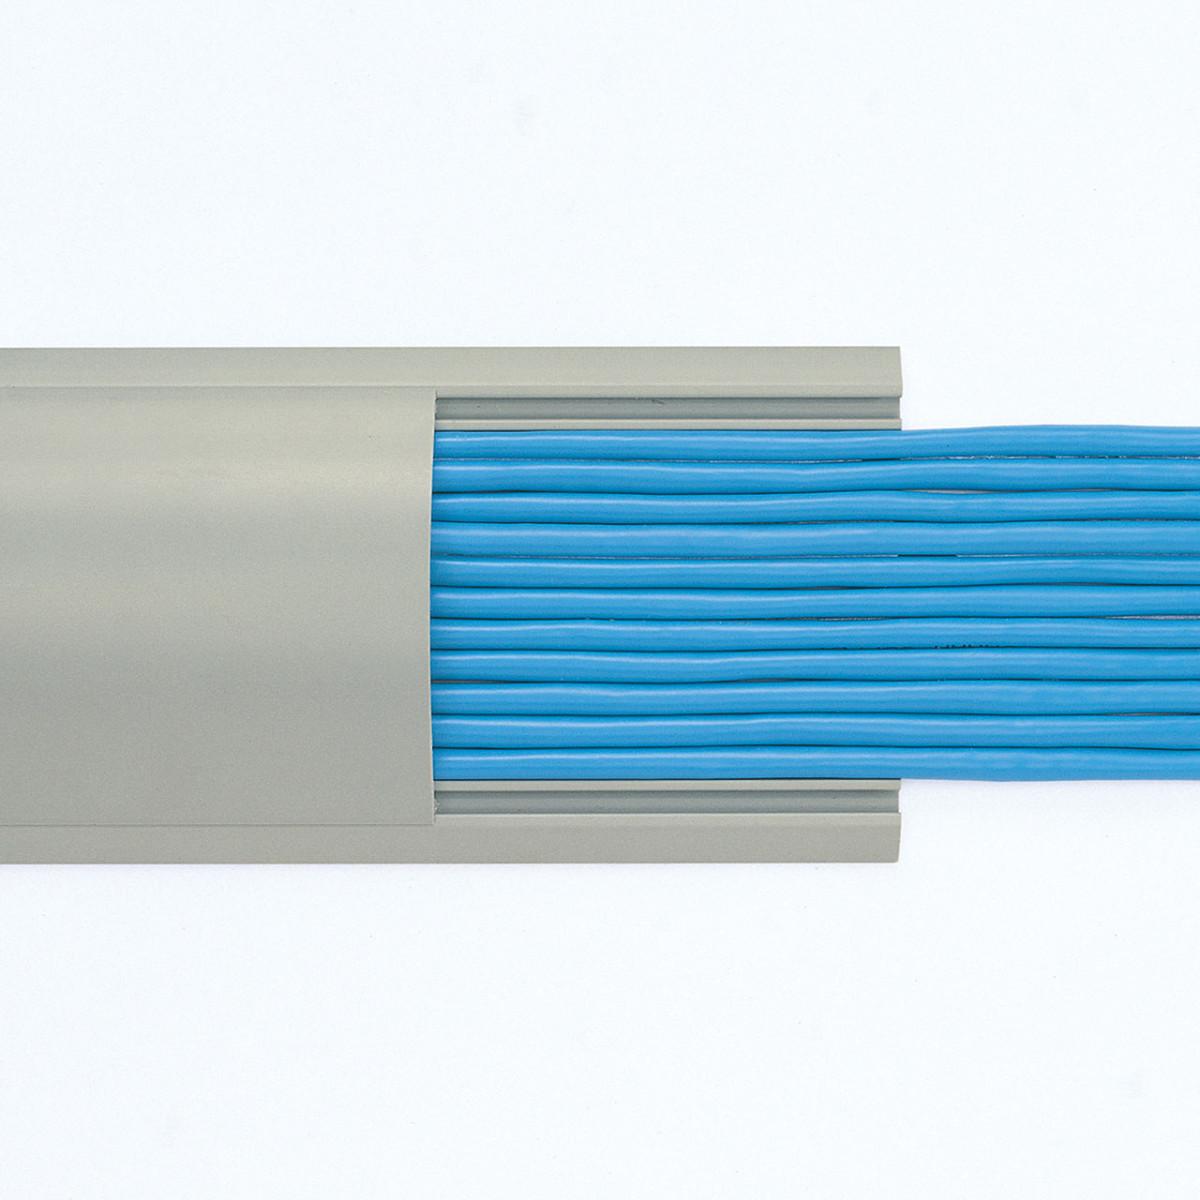 [CA-R90GY2] 【代引き不可】ケーブルカバー(グレー)W90xD2000mm